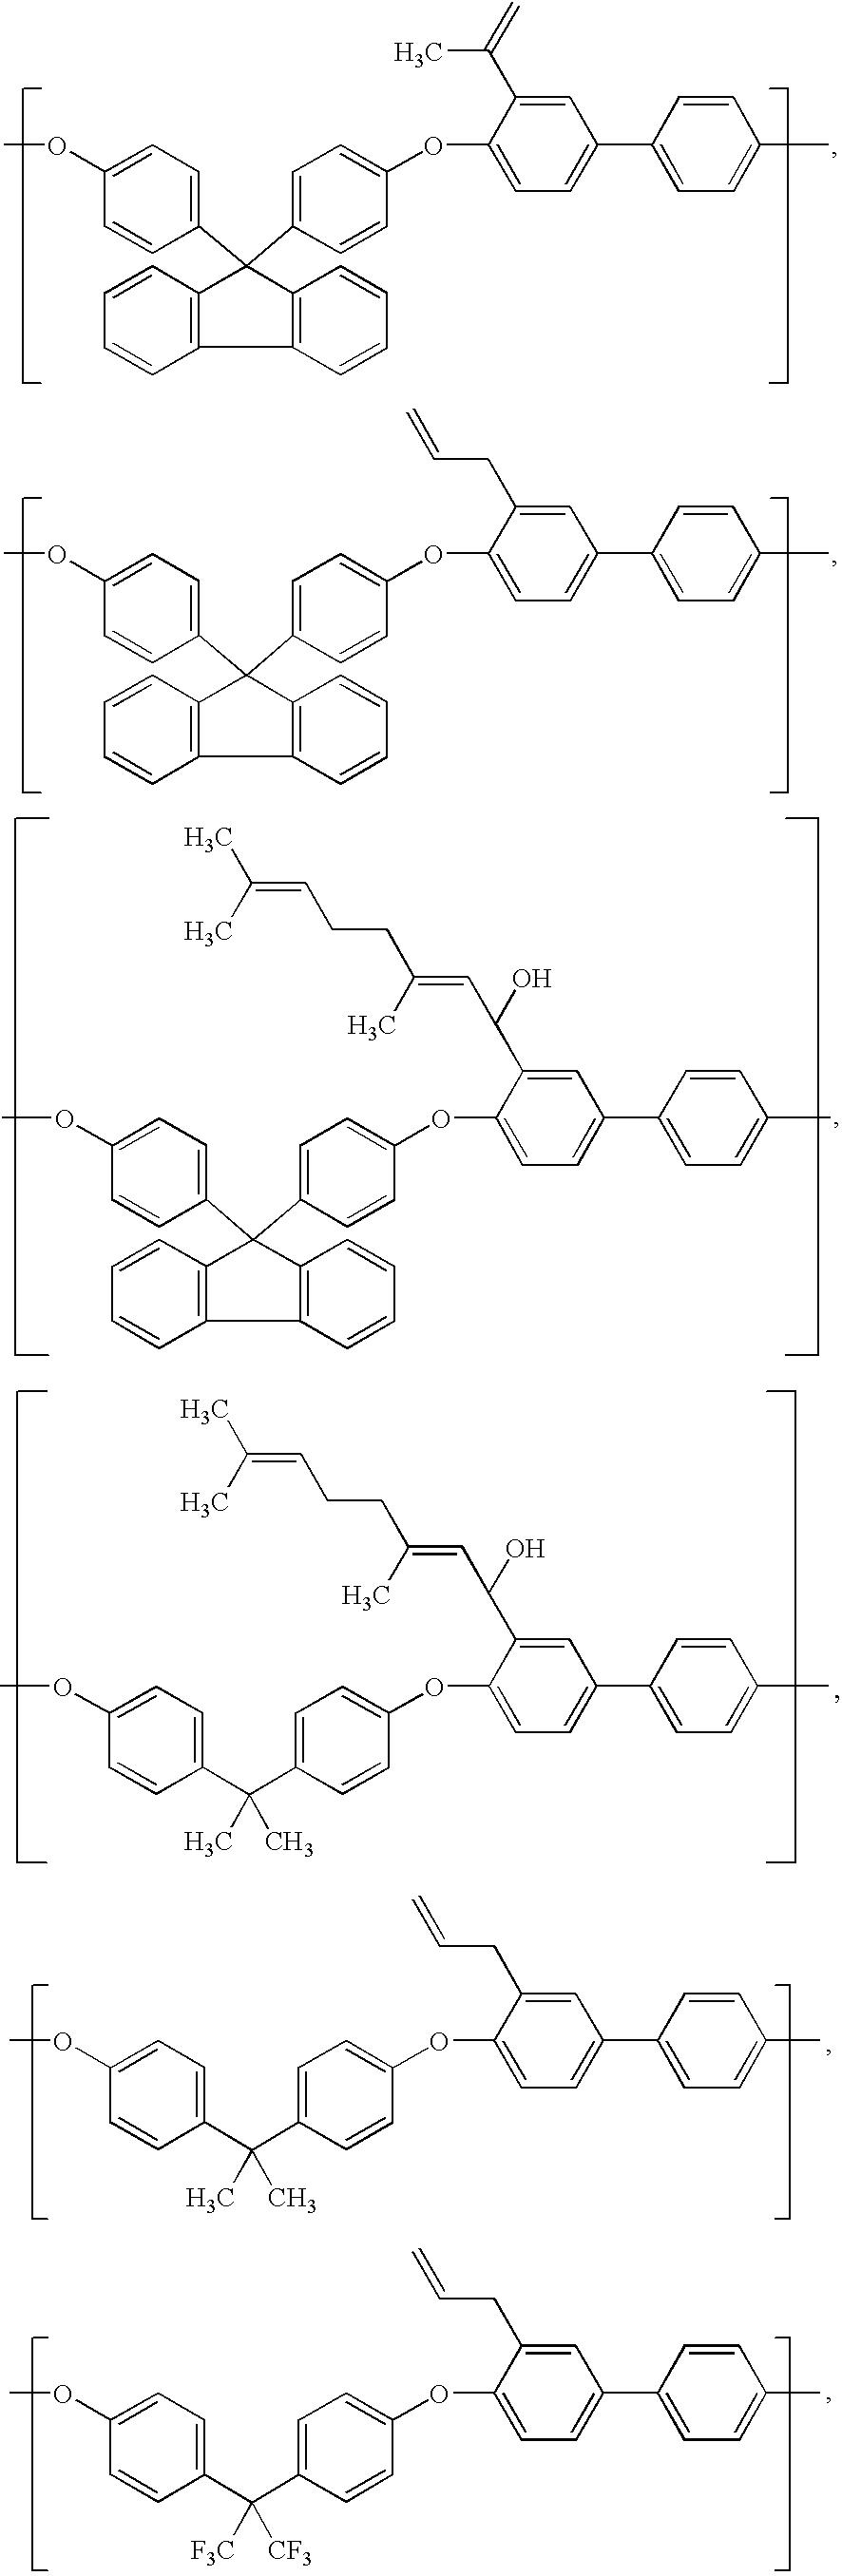 Figure US06716955-20040406-C00006